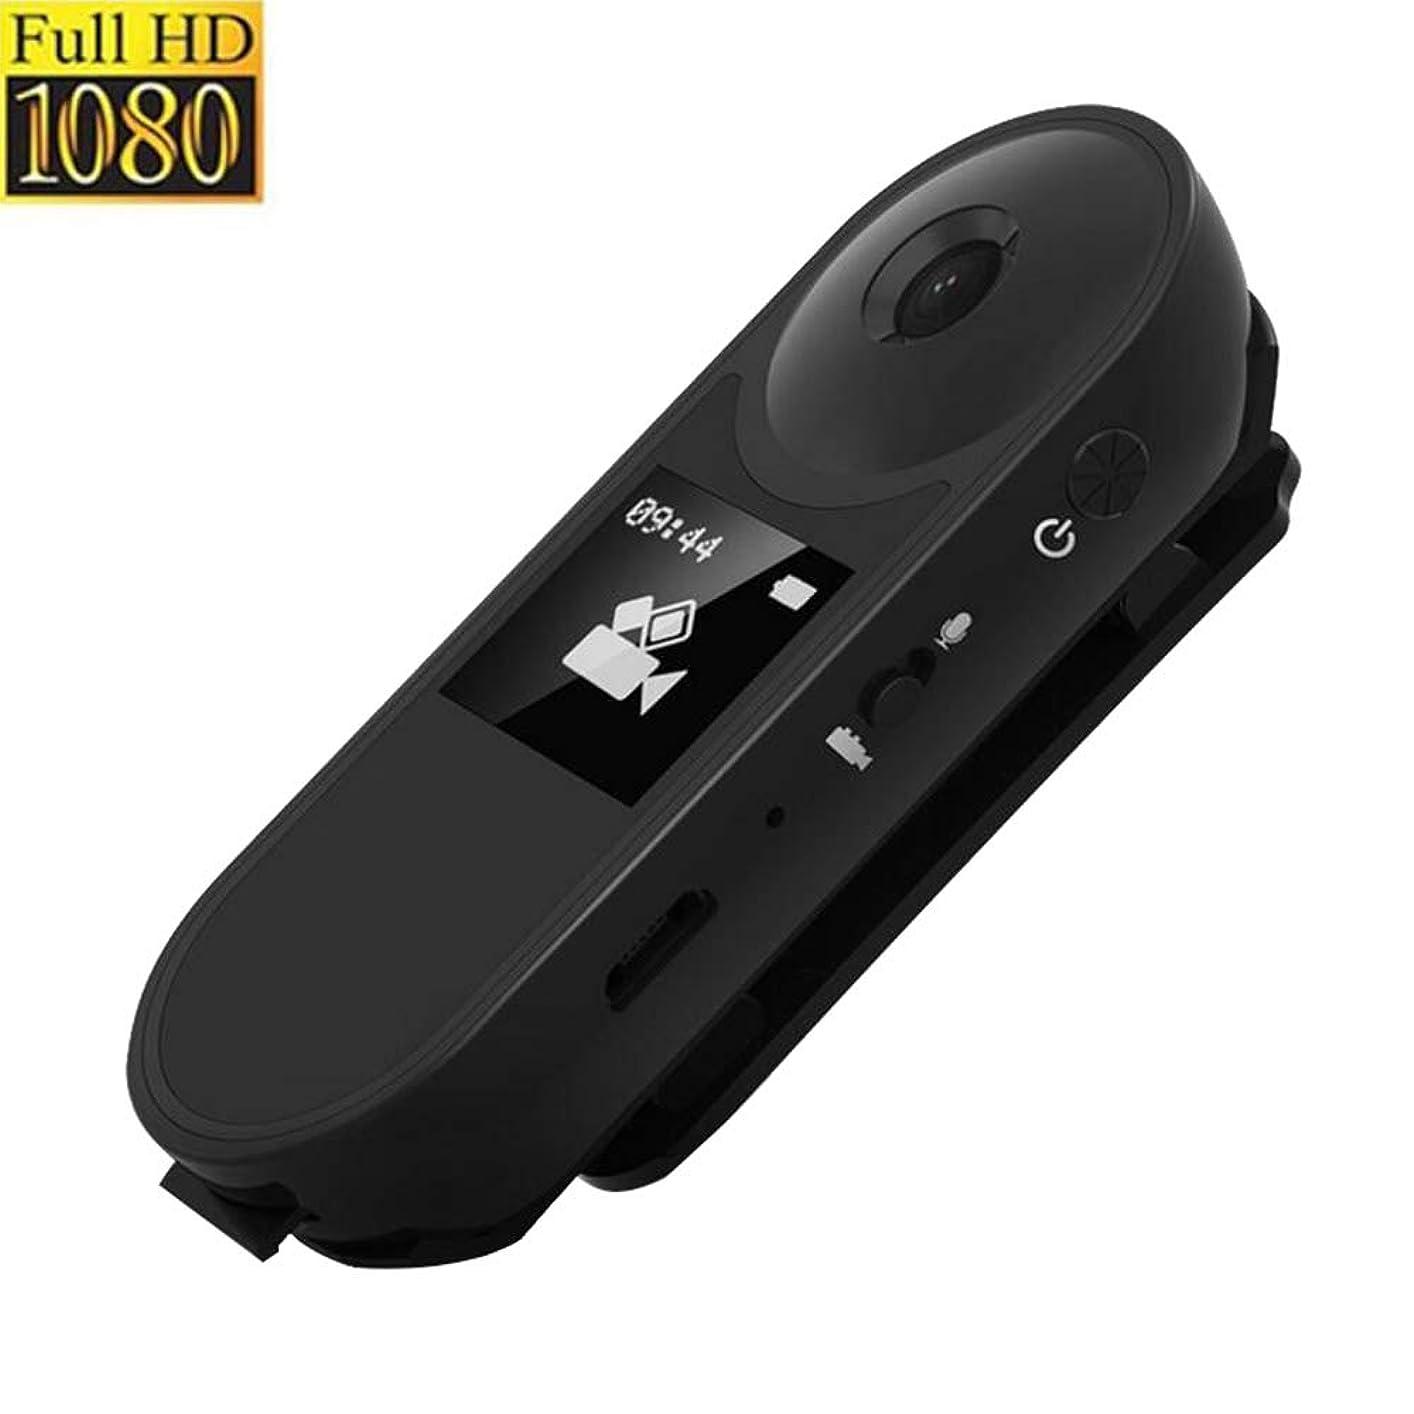 無効優先事前身につけられるカムコーダーが付いている1080P HDのカメラが付いている小型デジタル可聴周波レコーダー、インタビューの会合の講義のための強い磁気吸着